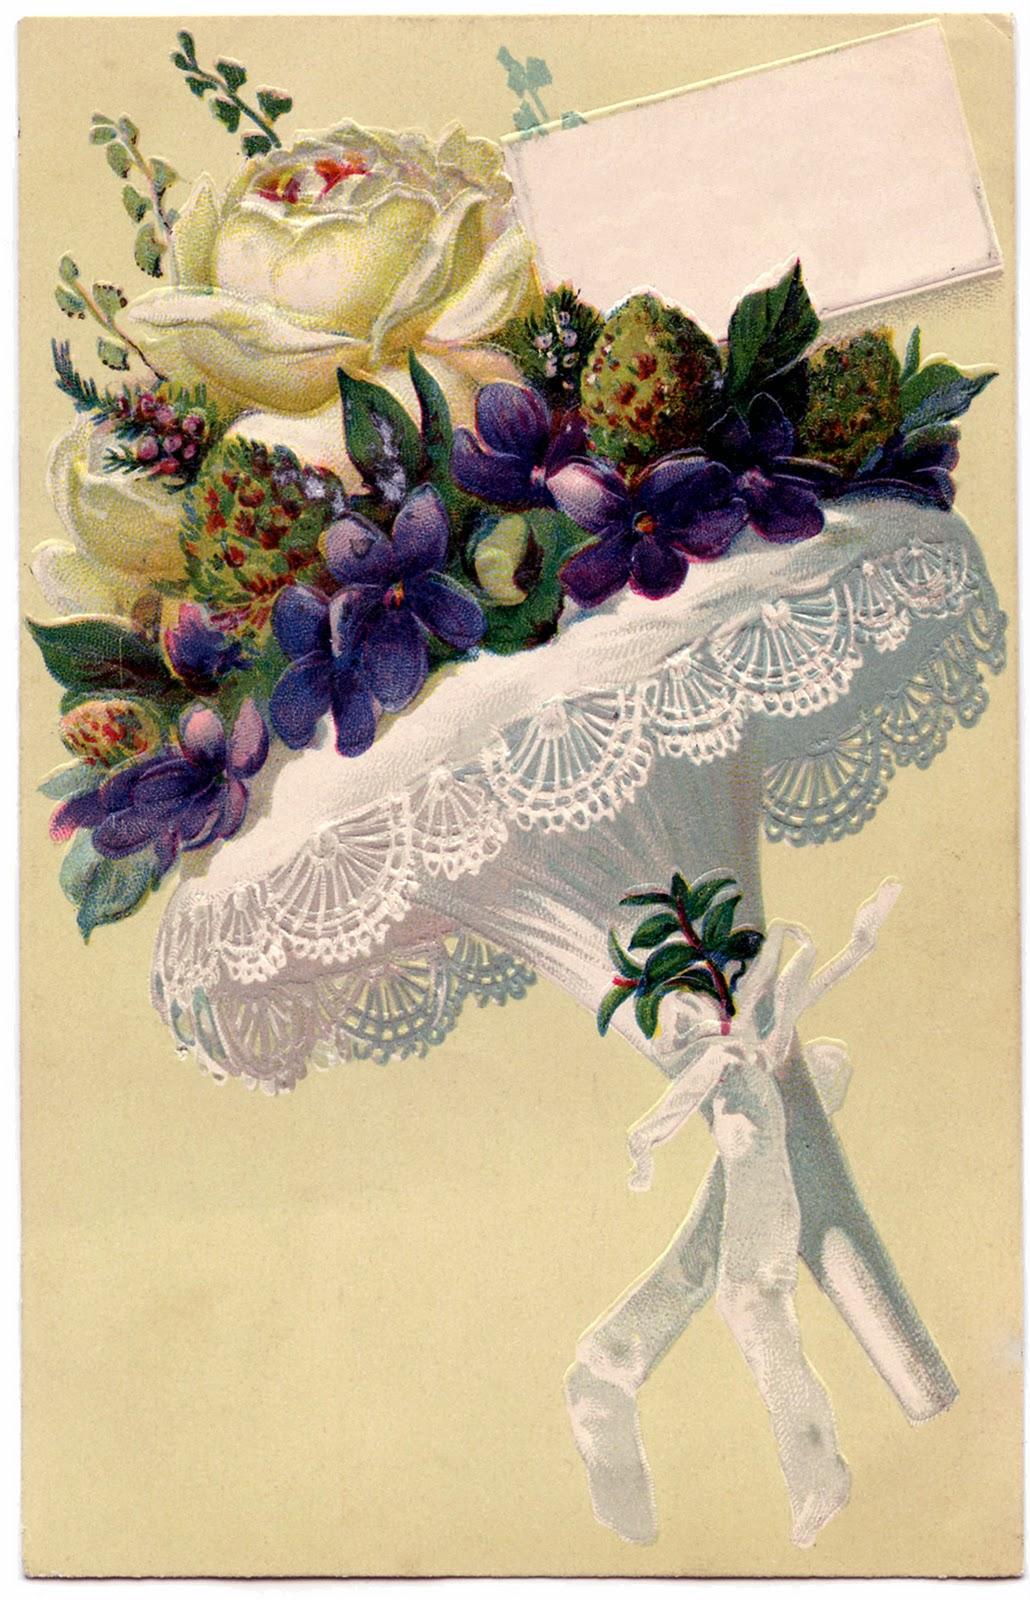 http://1.bp.blogspot.com/-0e_HdLGvT9s/Txd6q0HeguI/AAAAAAAAQPw/uN0r7VnH6Bw/s1600/French+Bouquet+vintage+GraphicsFairy002c.jpg